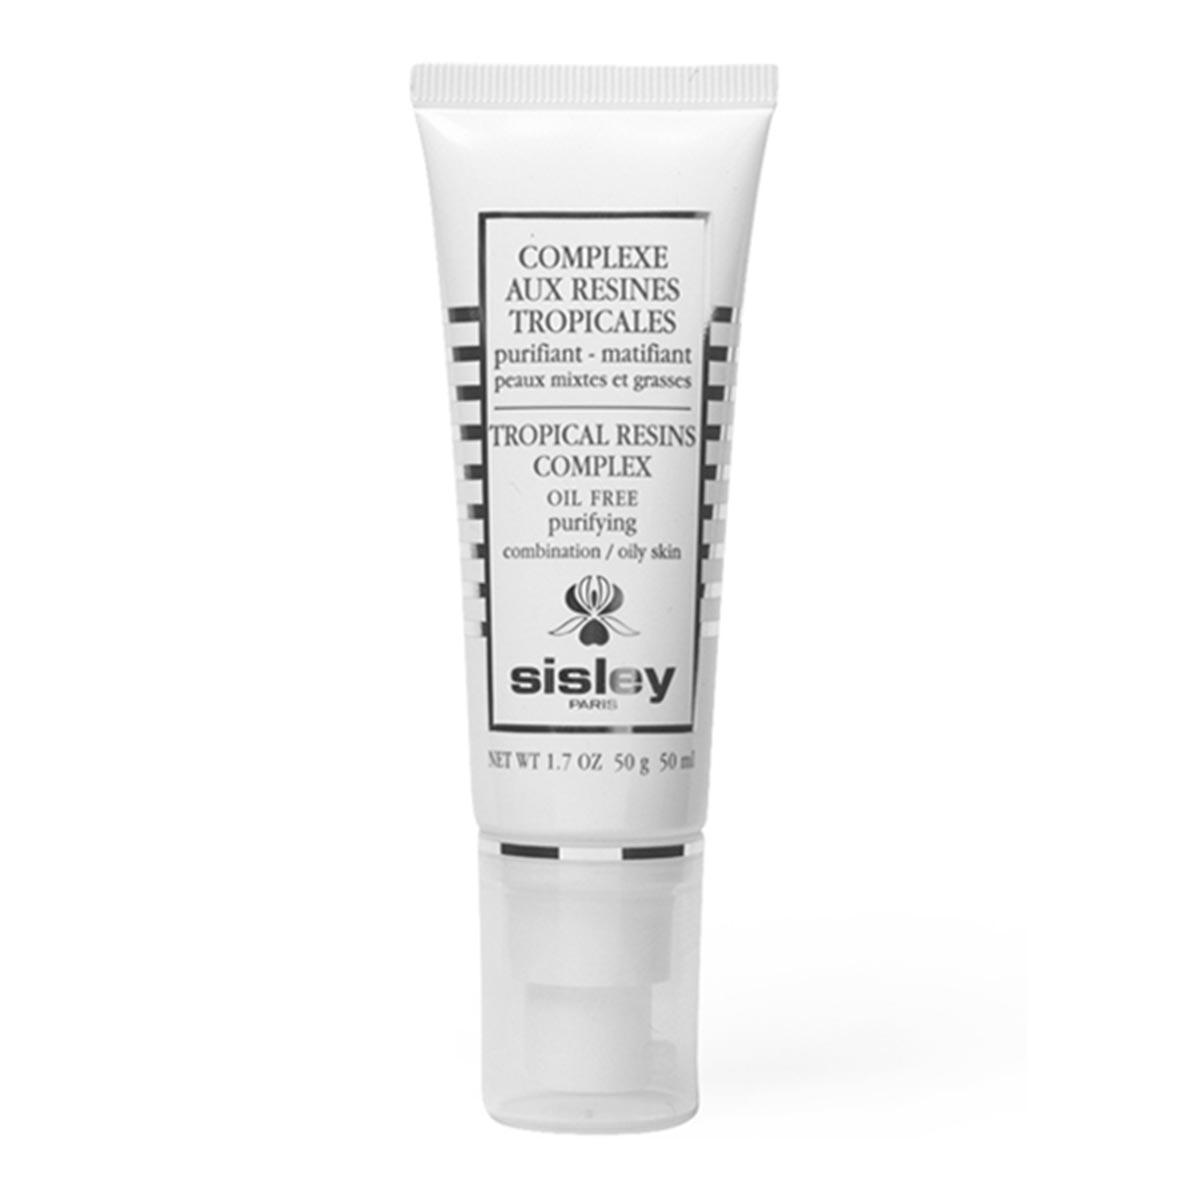 Sisley tropical resins complex oil free cream 50ml